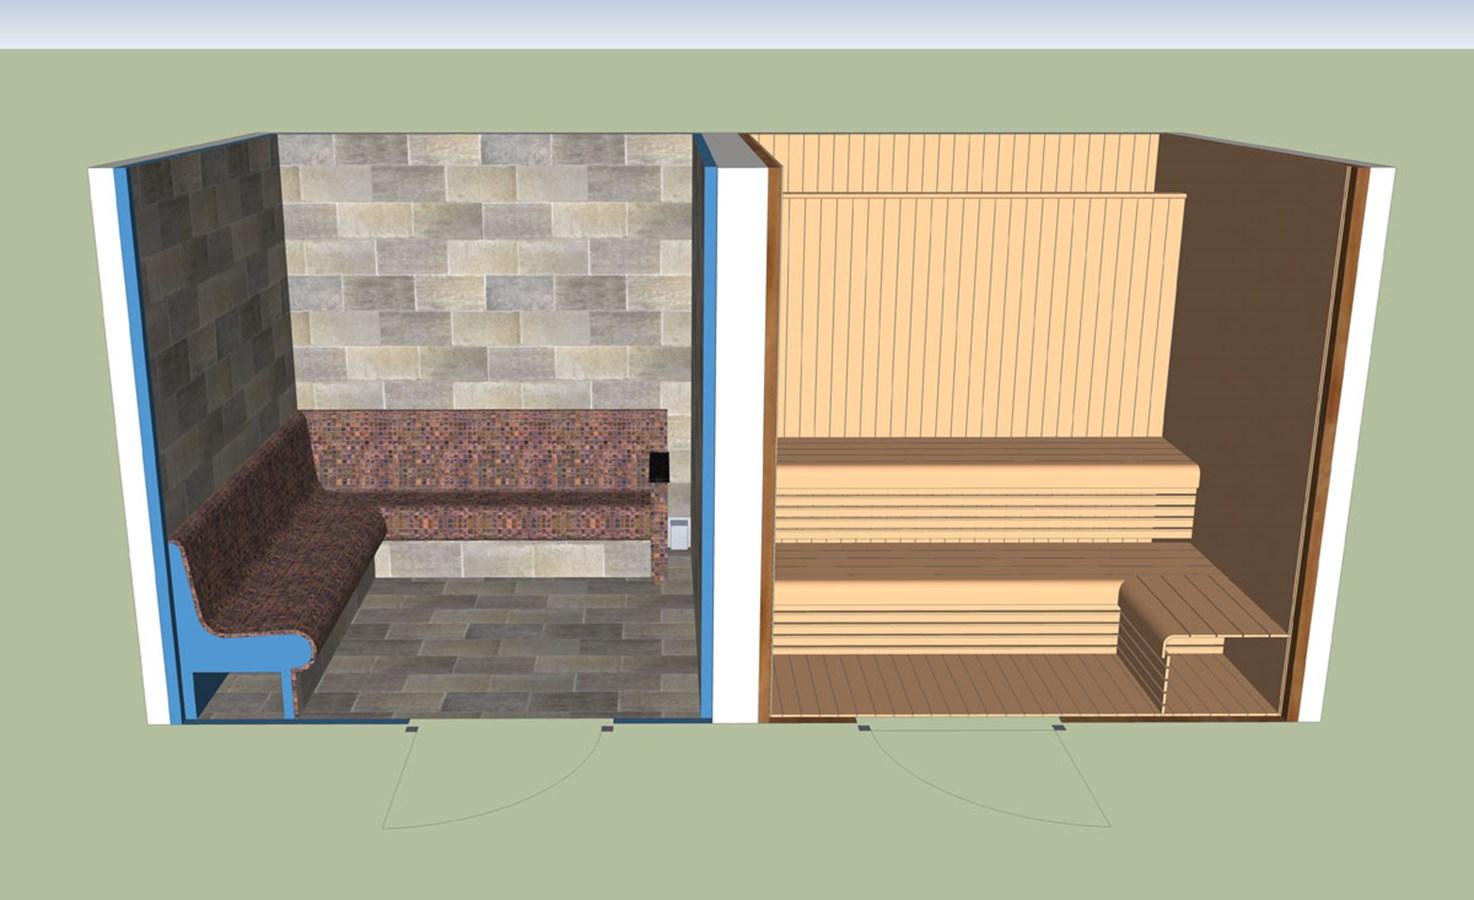 Commercial Tiled Steam Room Merthyr Tydfil Bos Leisure